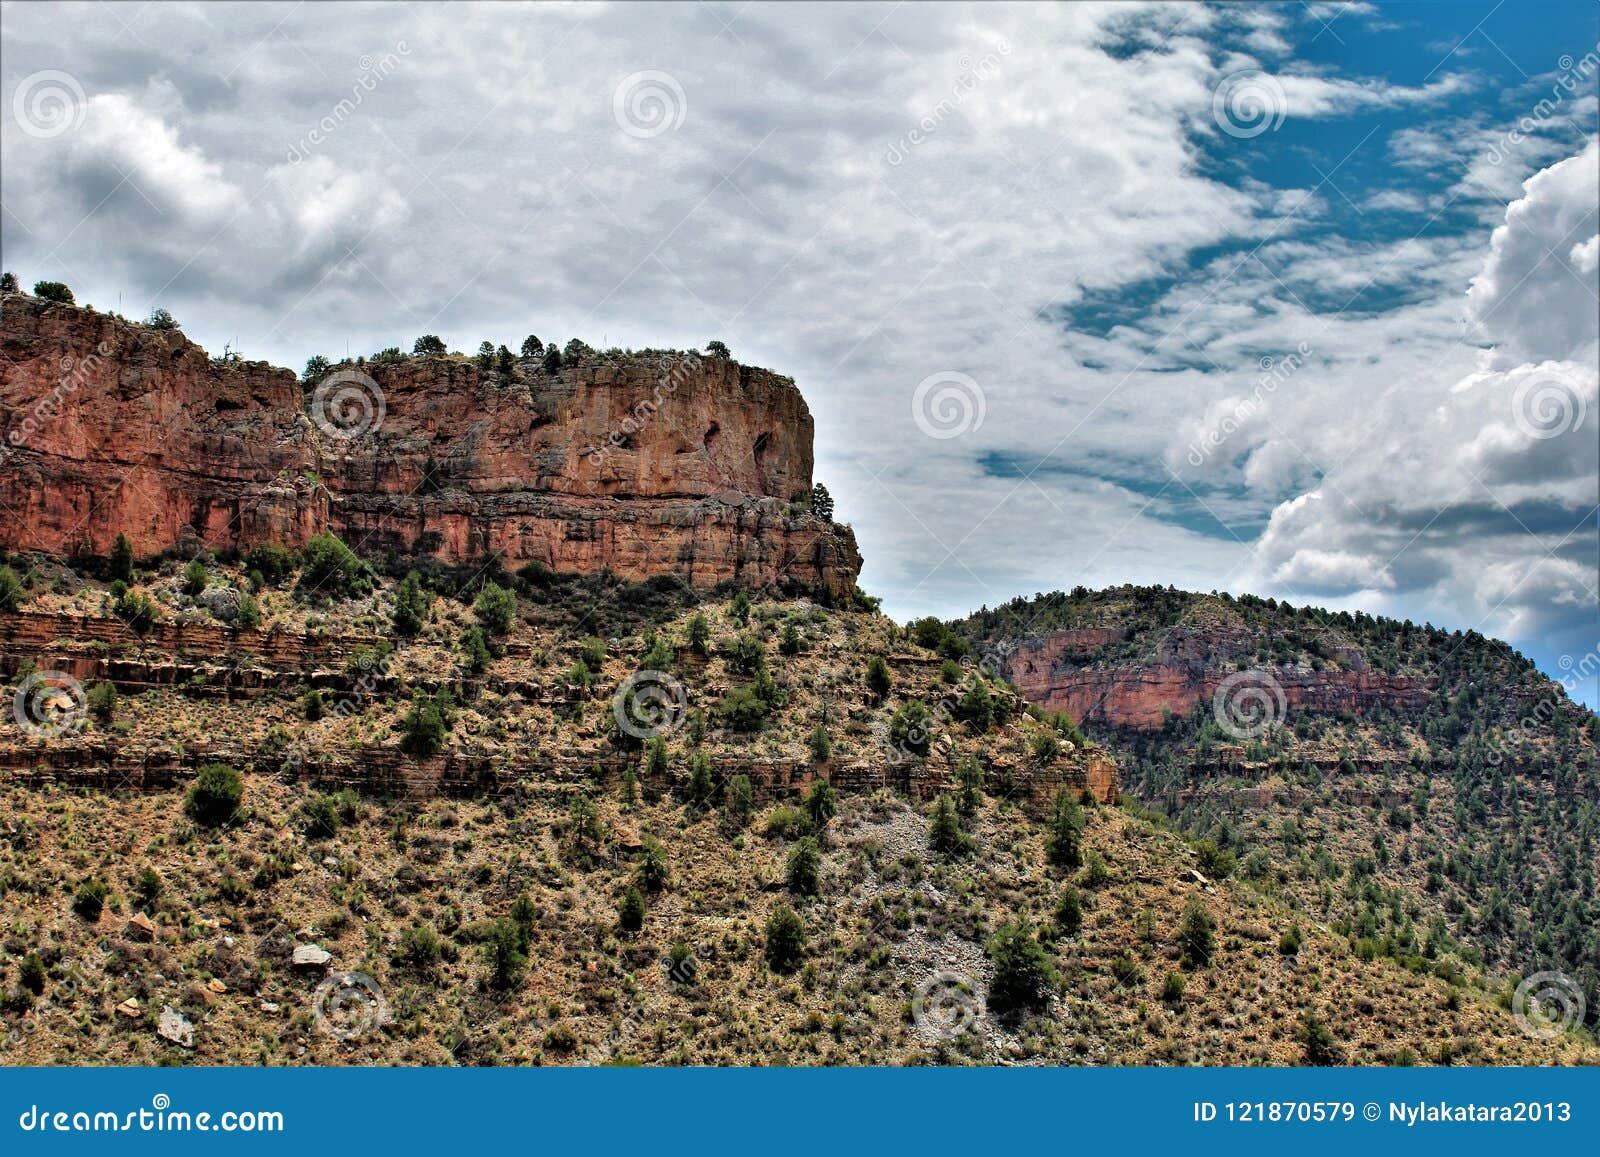 Solankowy Rzeczny jaru pustkowia teren, Tonto las państwowy, Gila okręg administracyjny, Arizona, Stany Zjednoczone